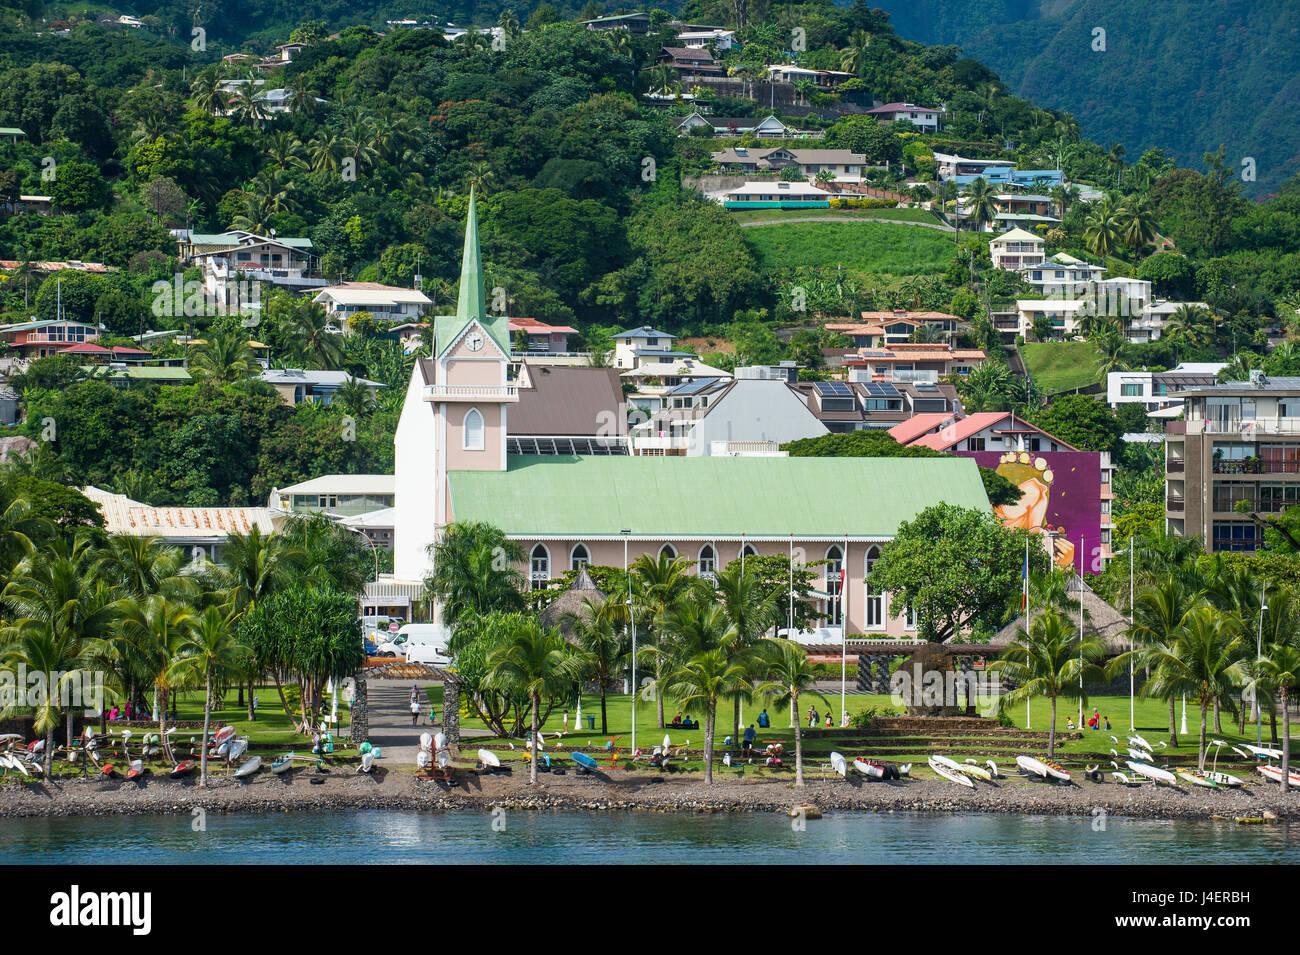 Centro de Papeete, Tahití, Islas Sociedad, Polinesia Francesa, el Pacífico Imagen De Stock